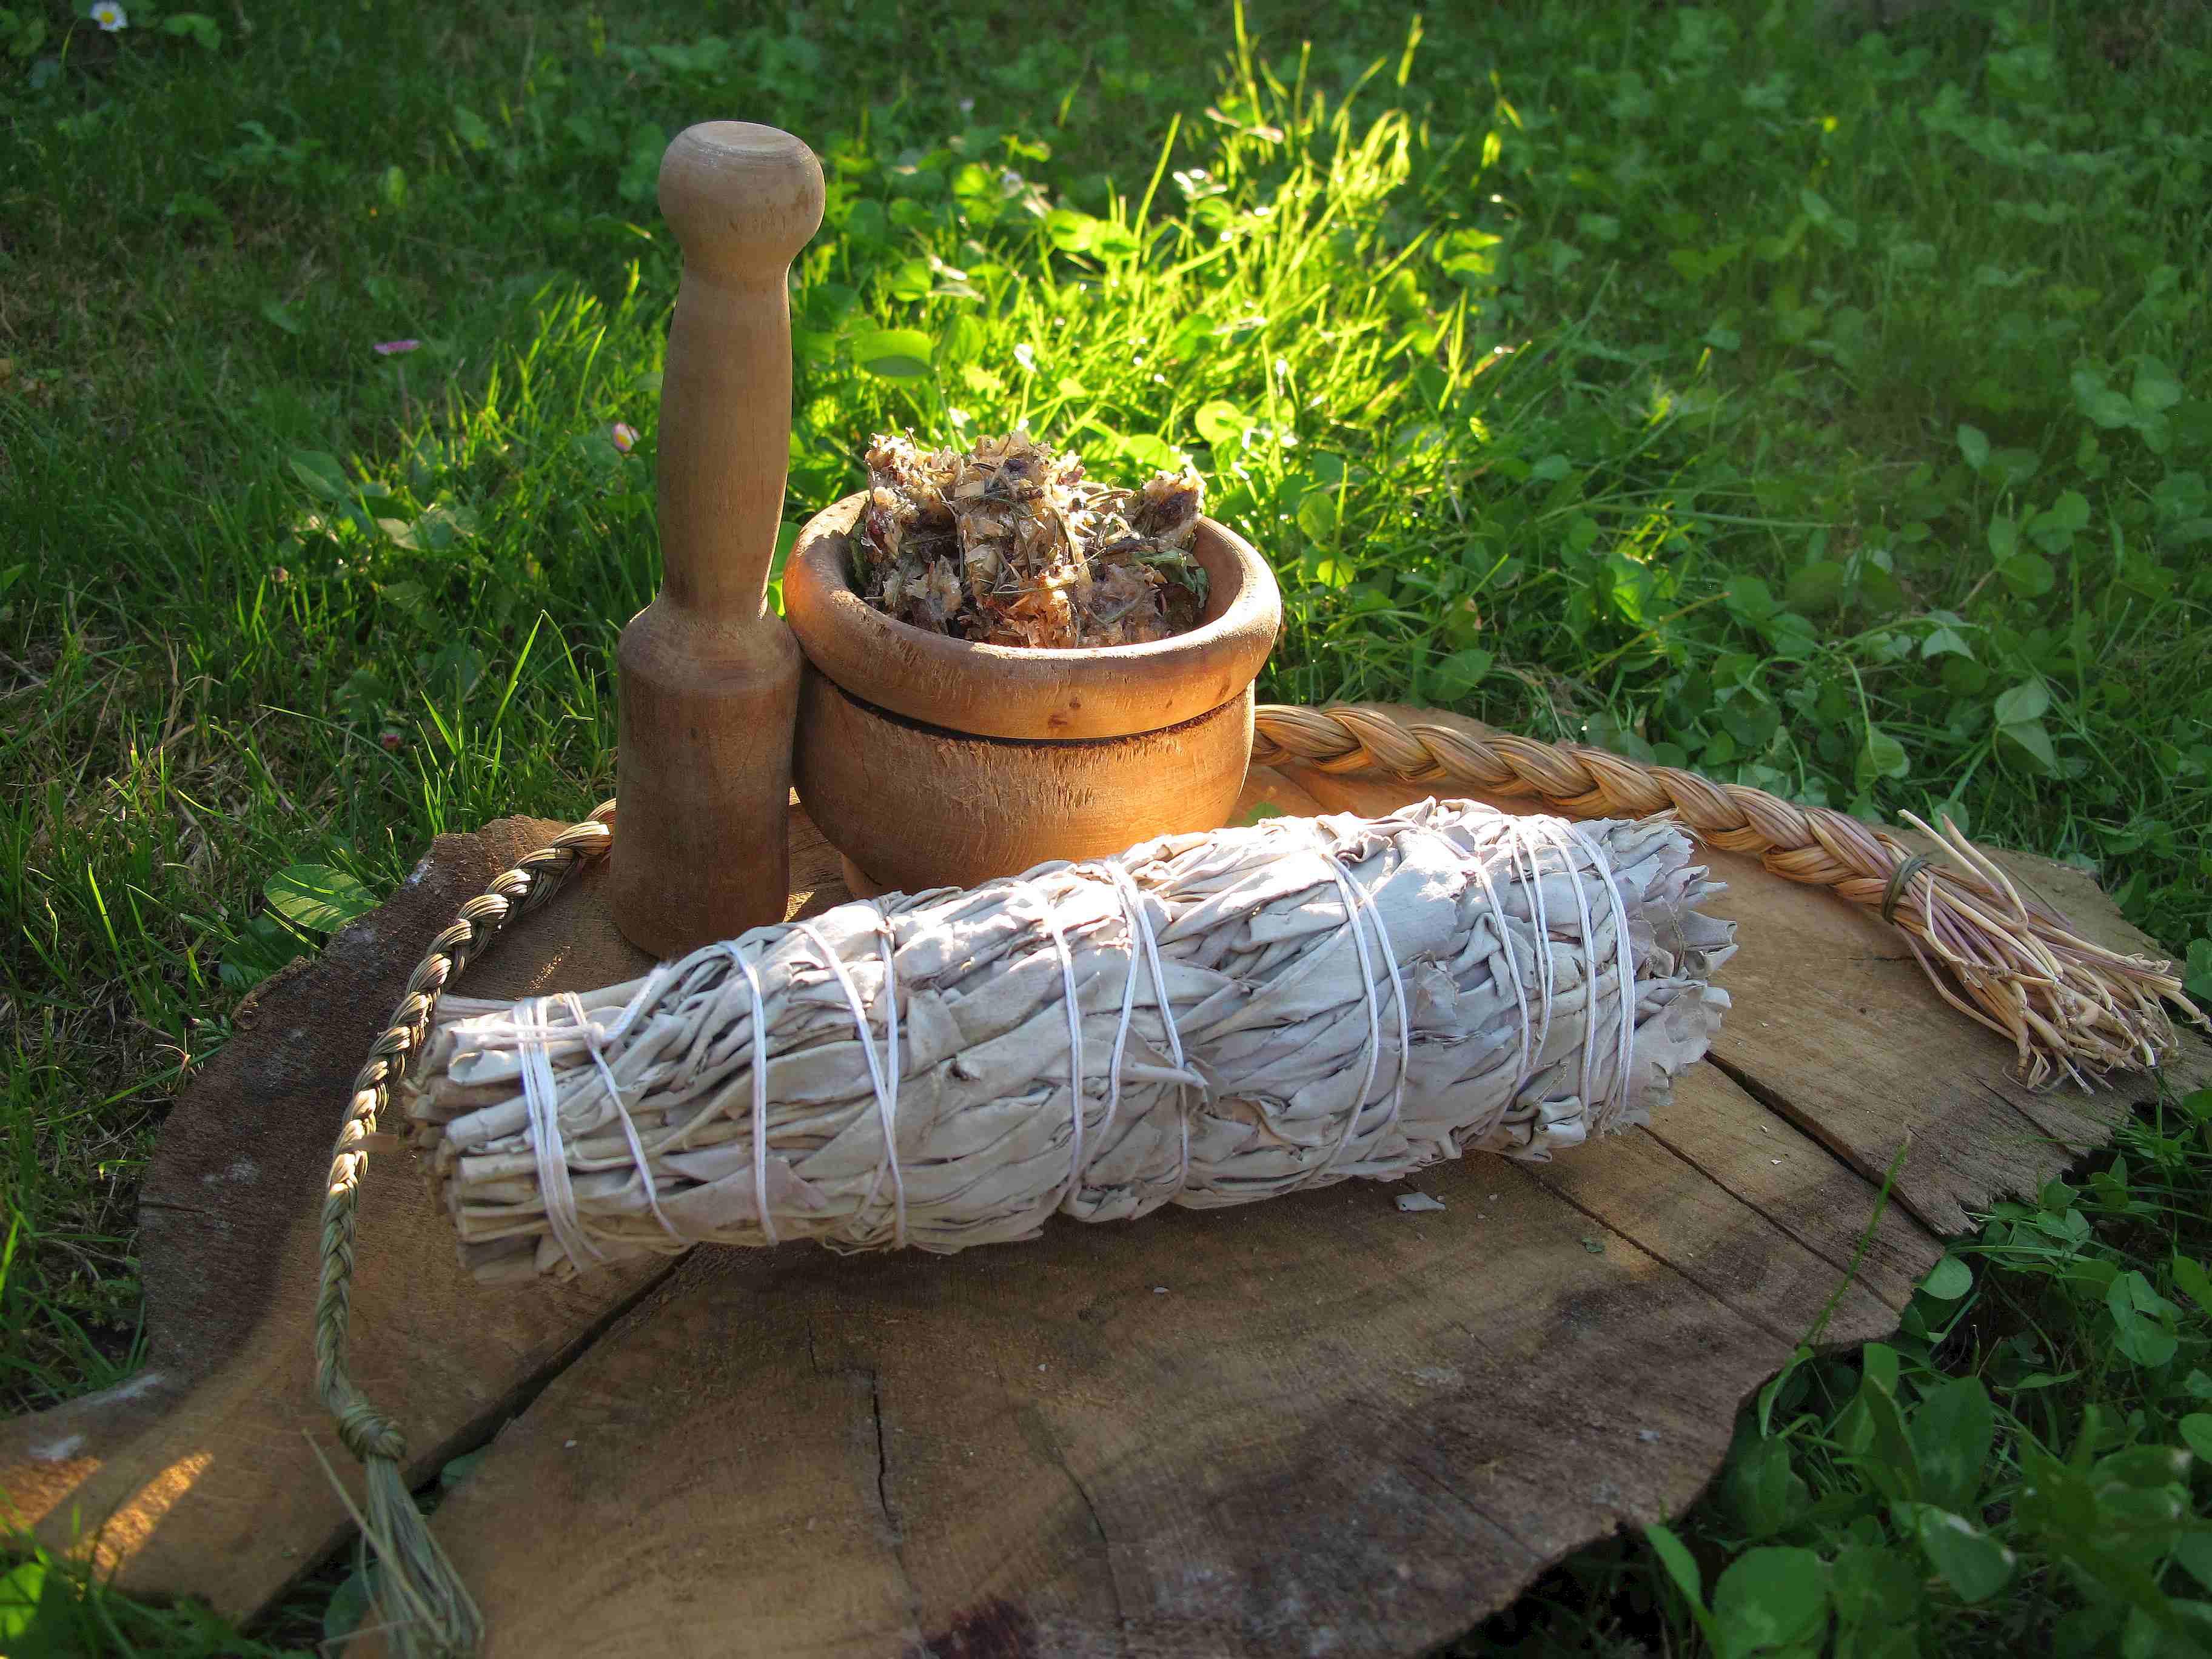 Räuchern mit weißem Salbei, Süssgras und frischen Harzen.